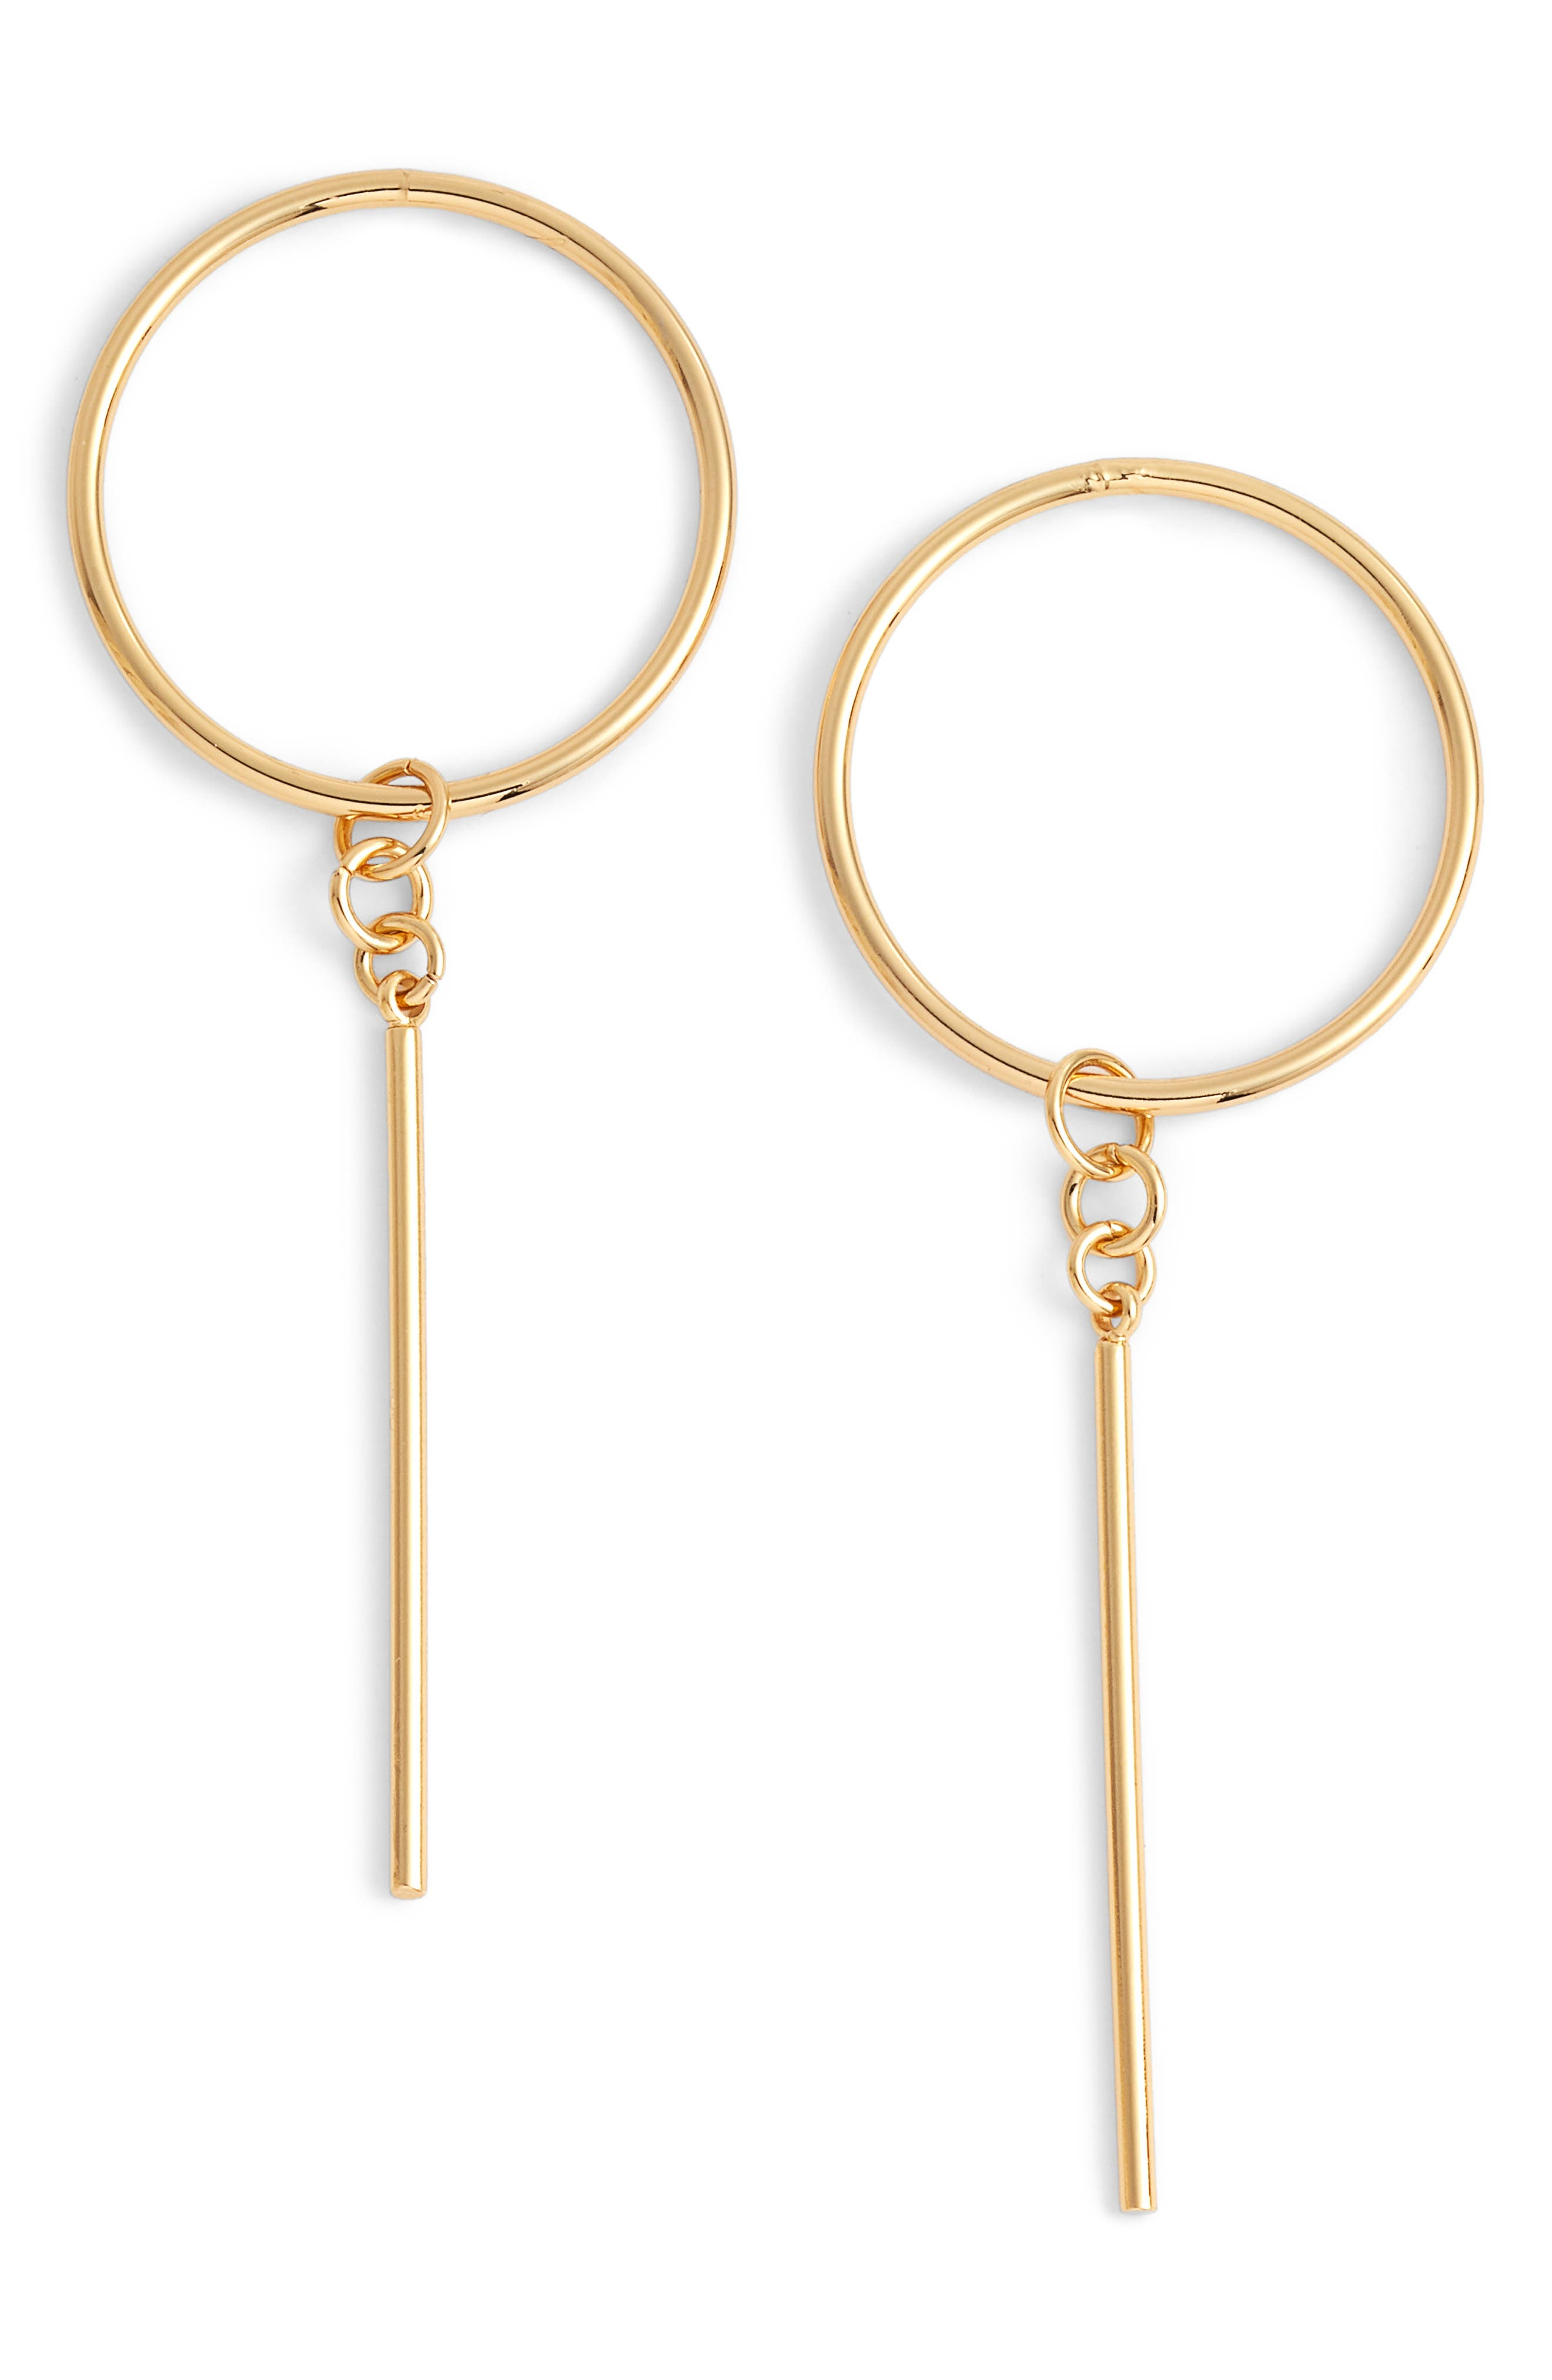 Rhapsody Earrings,                         Main,                         color, Gold